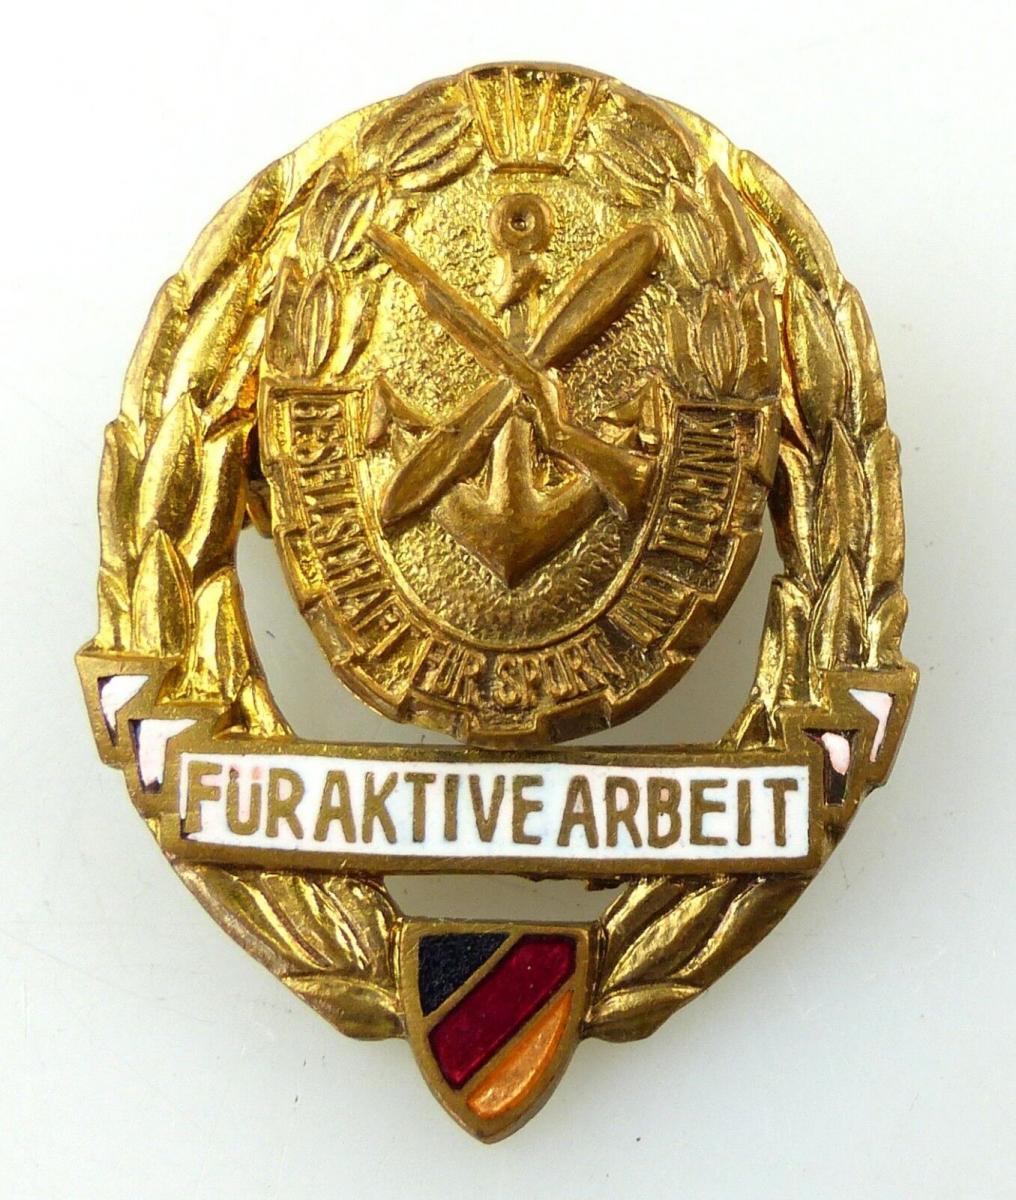 #e8972 Abzeichen / Medaille für aktive Arbeit in der GST vgl. Nr. 11 d (1956-59)